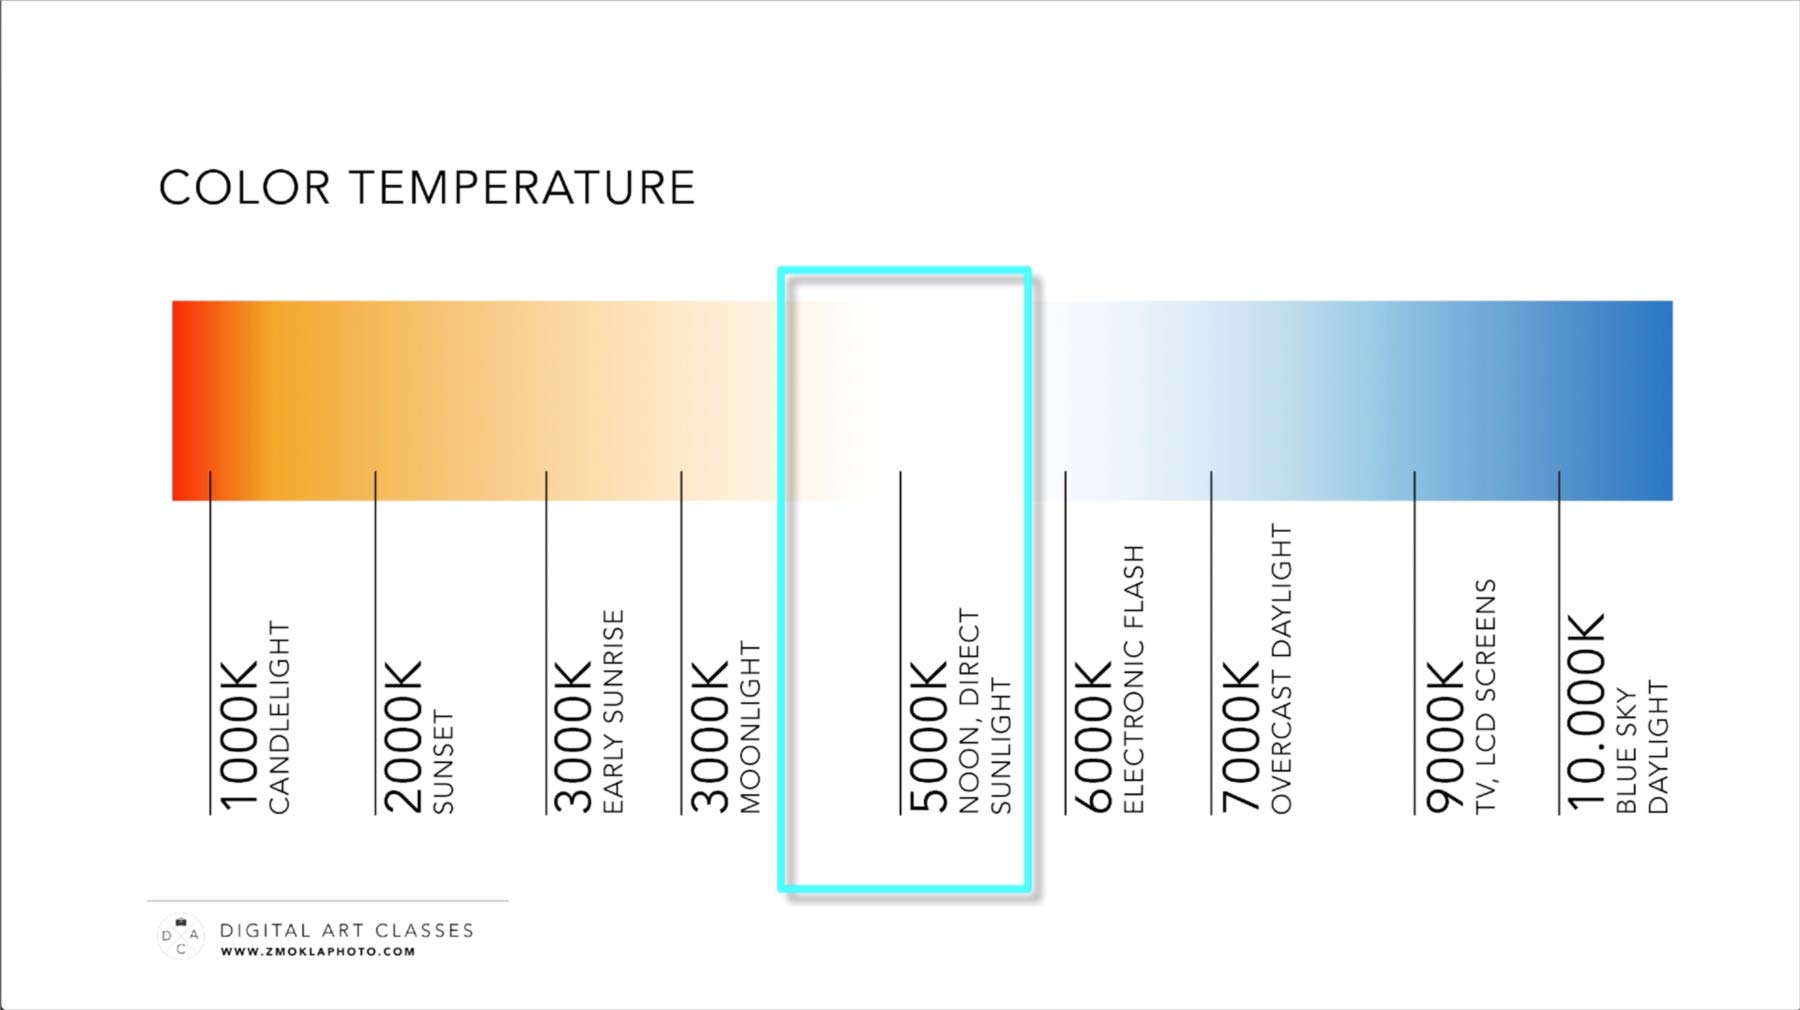 Gauging Color Temperature